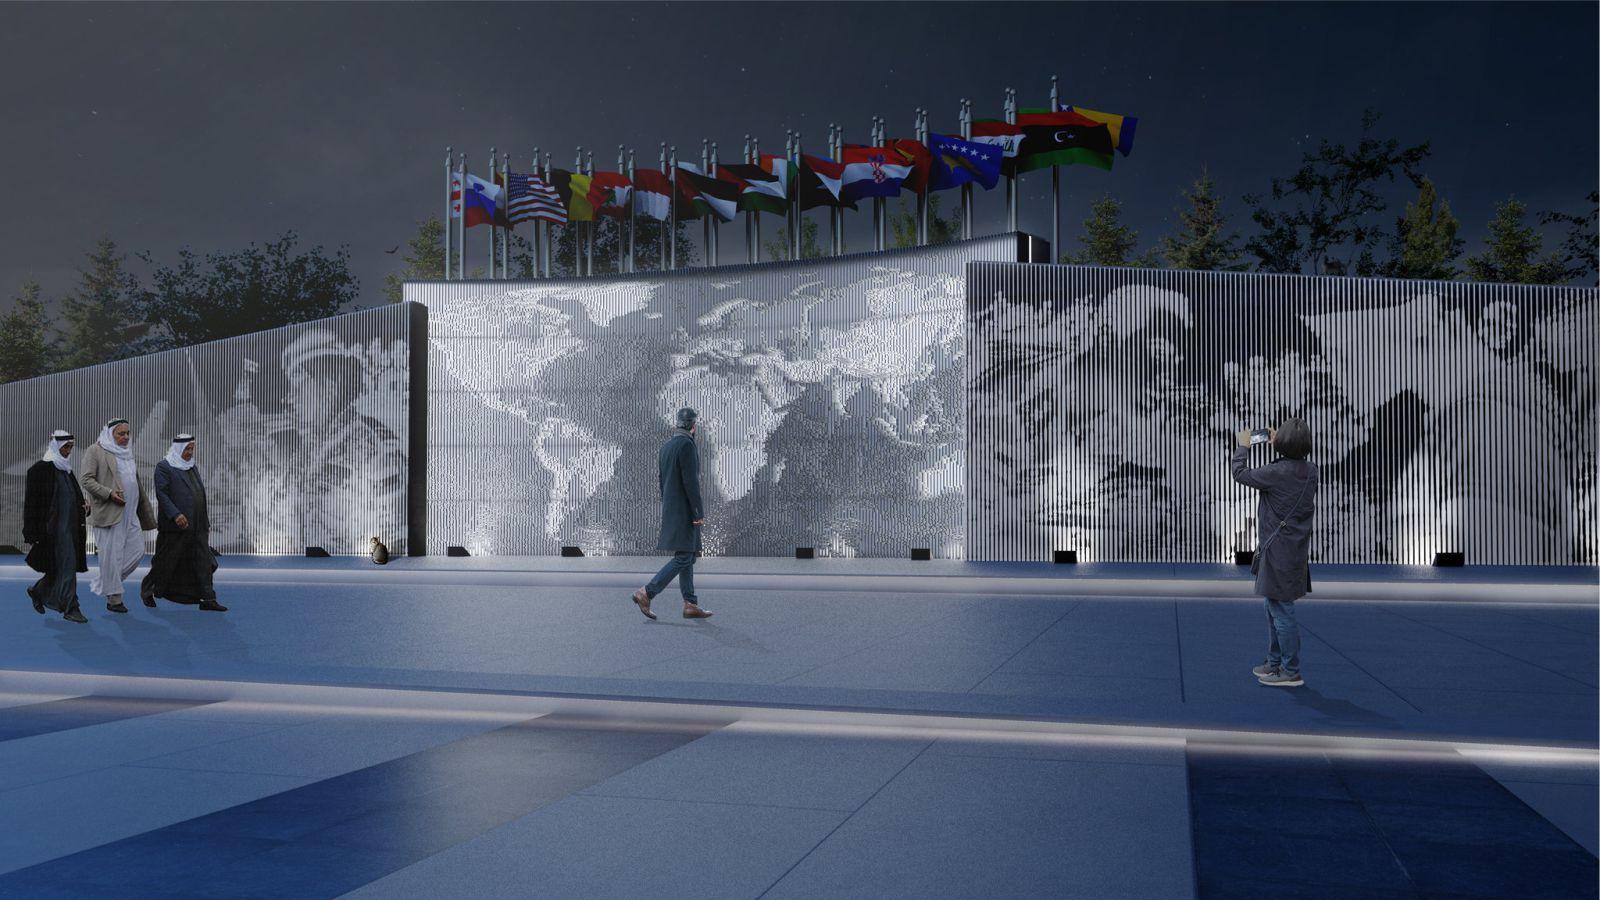 UN Square Murals